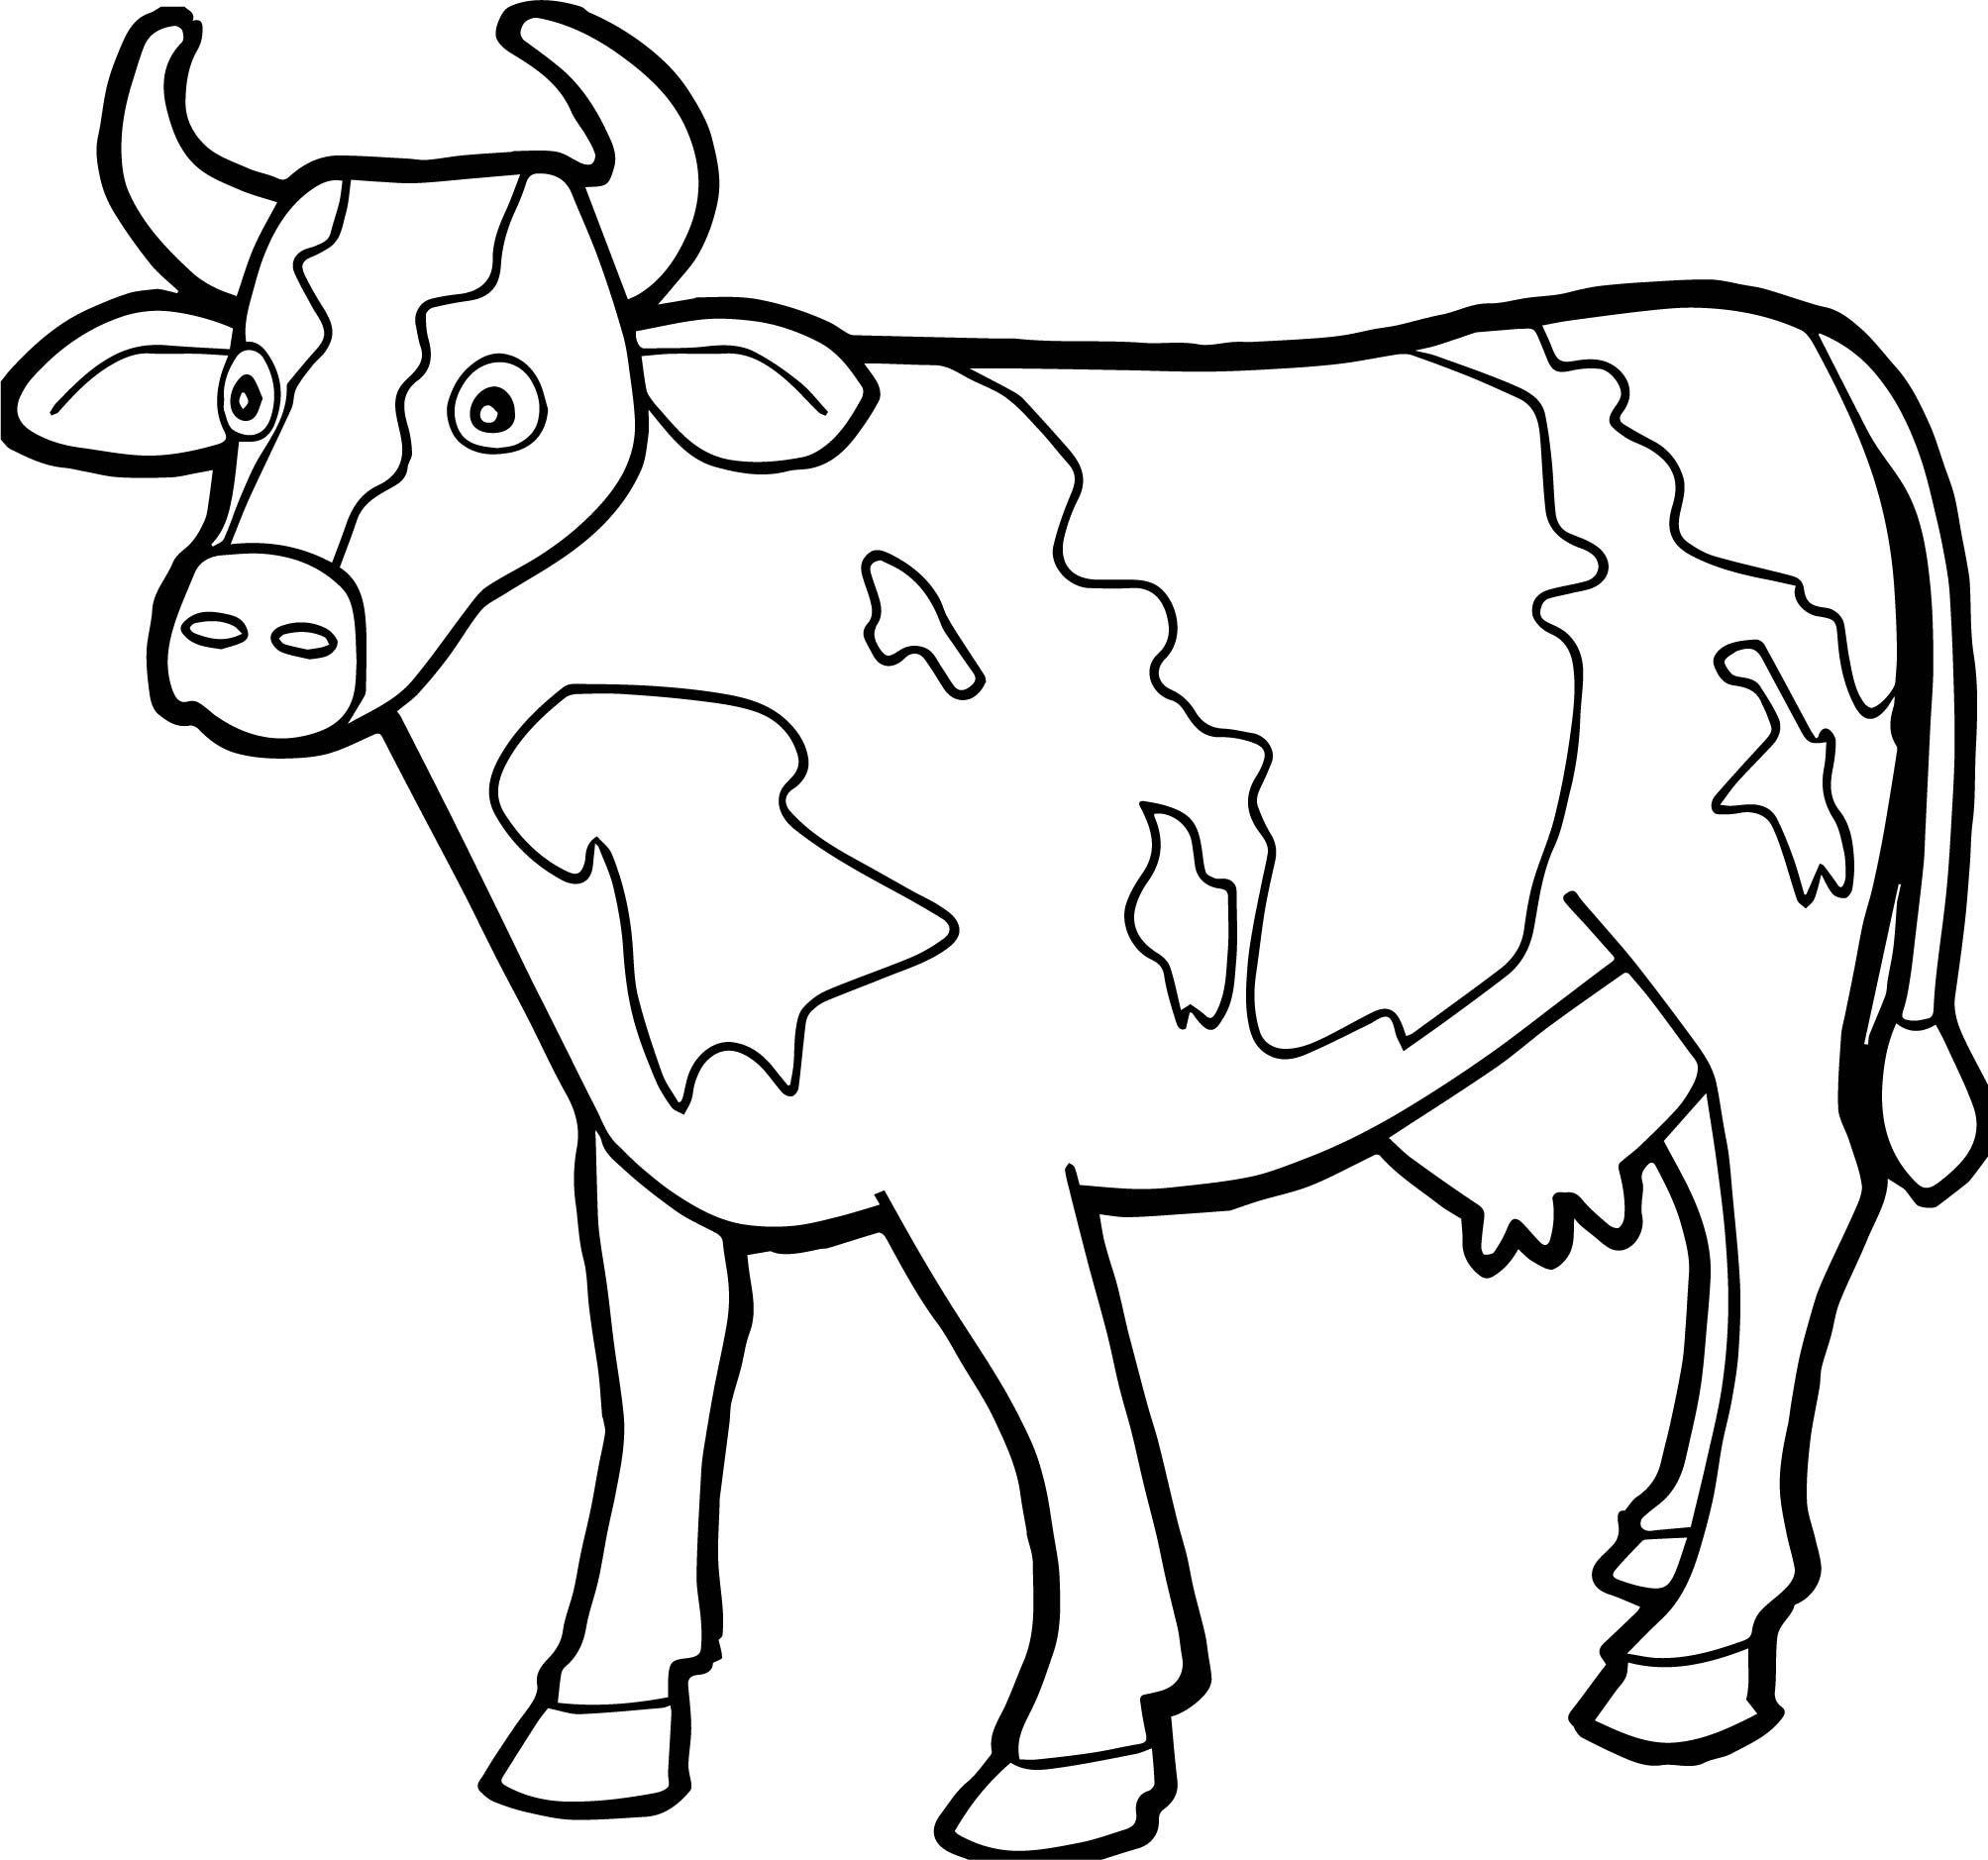 Tranh tô màu con bò đơn giản